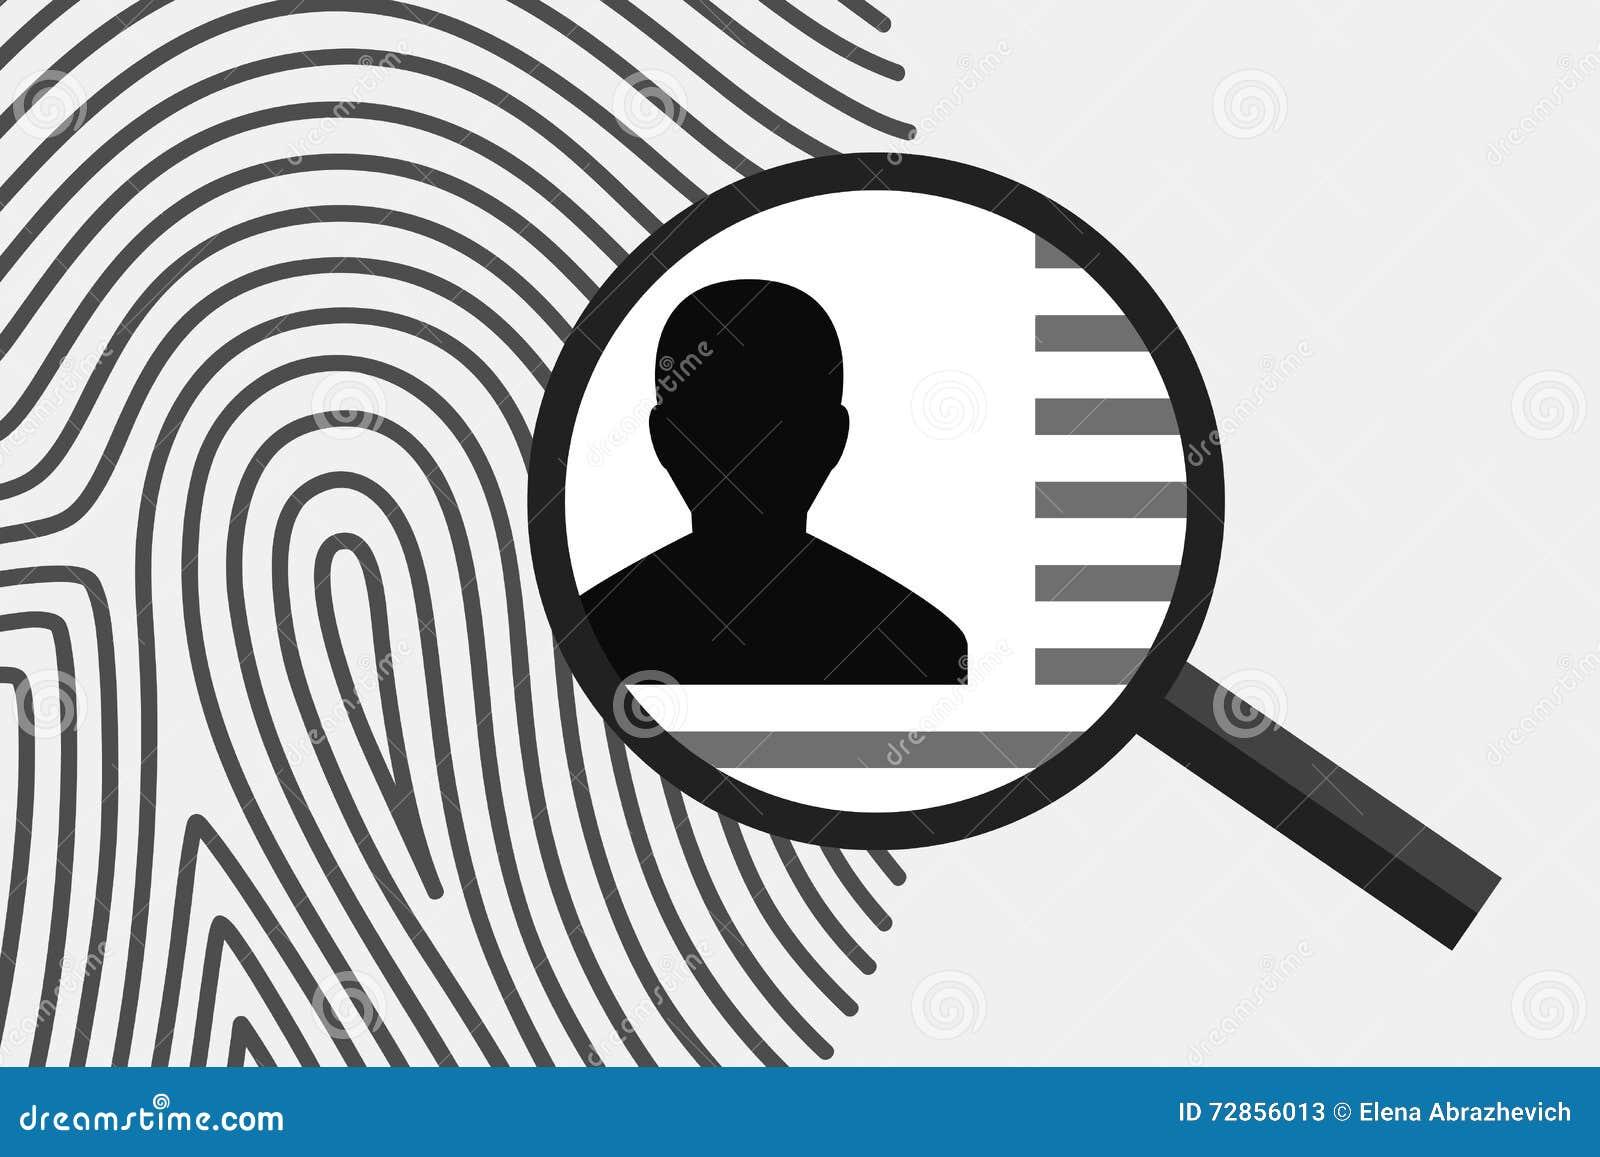 Huella dactilar e información personal